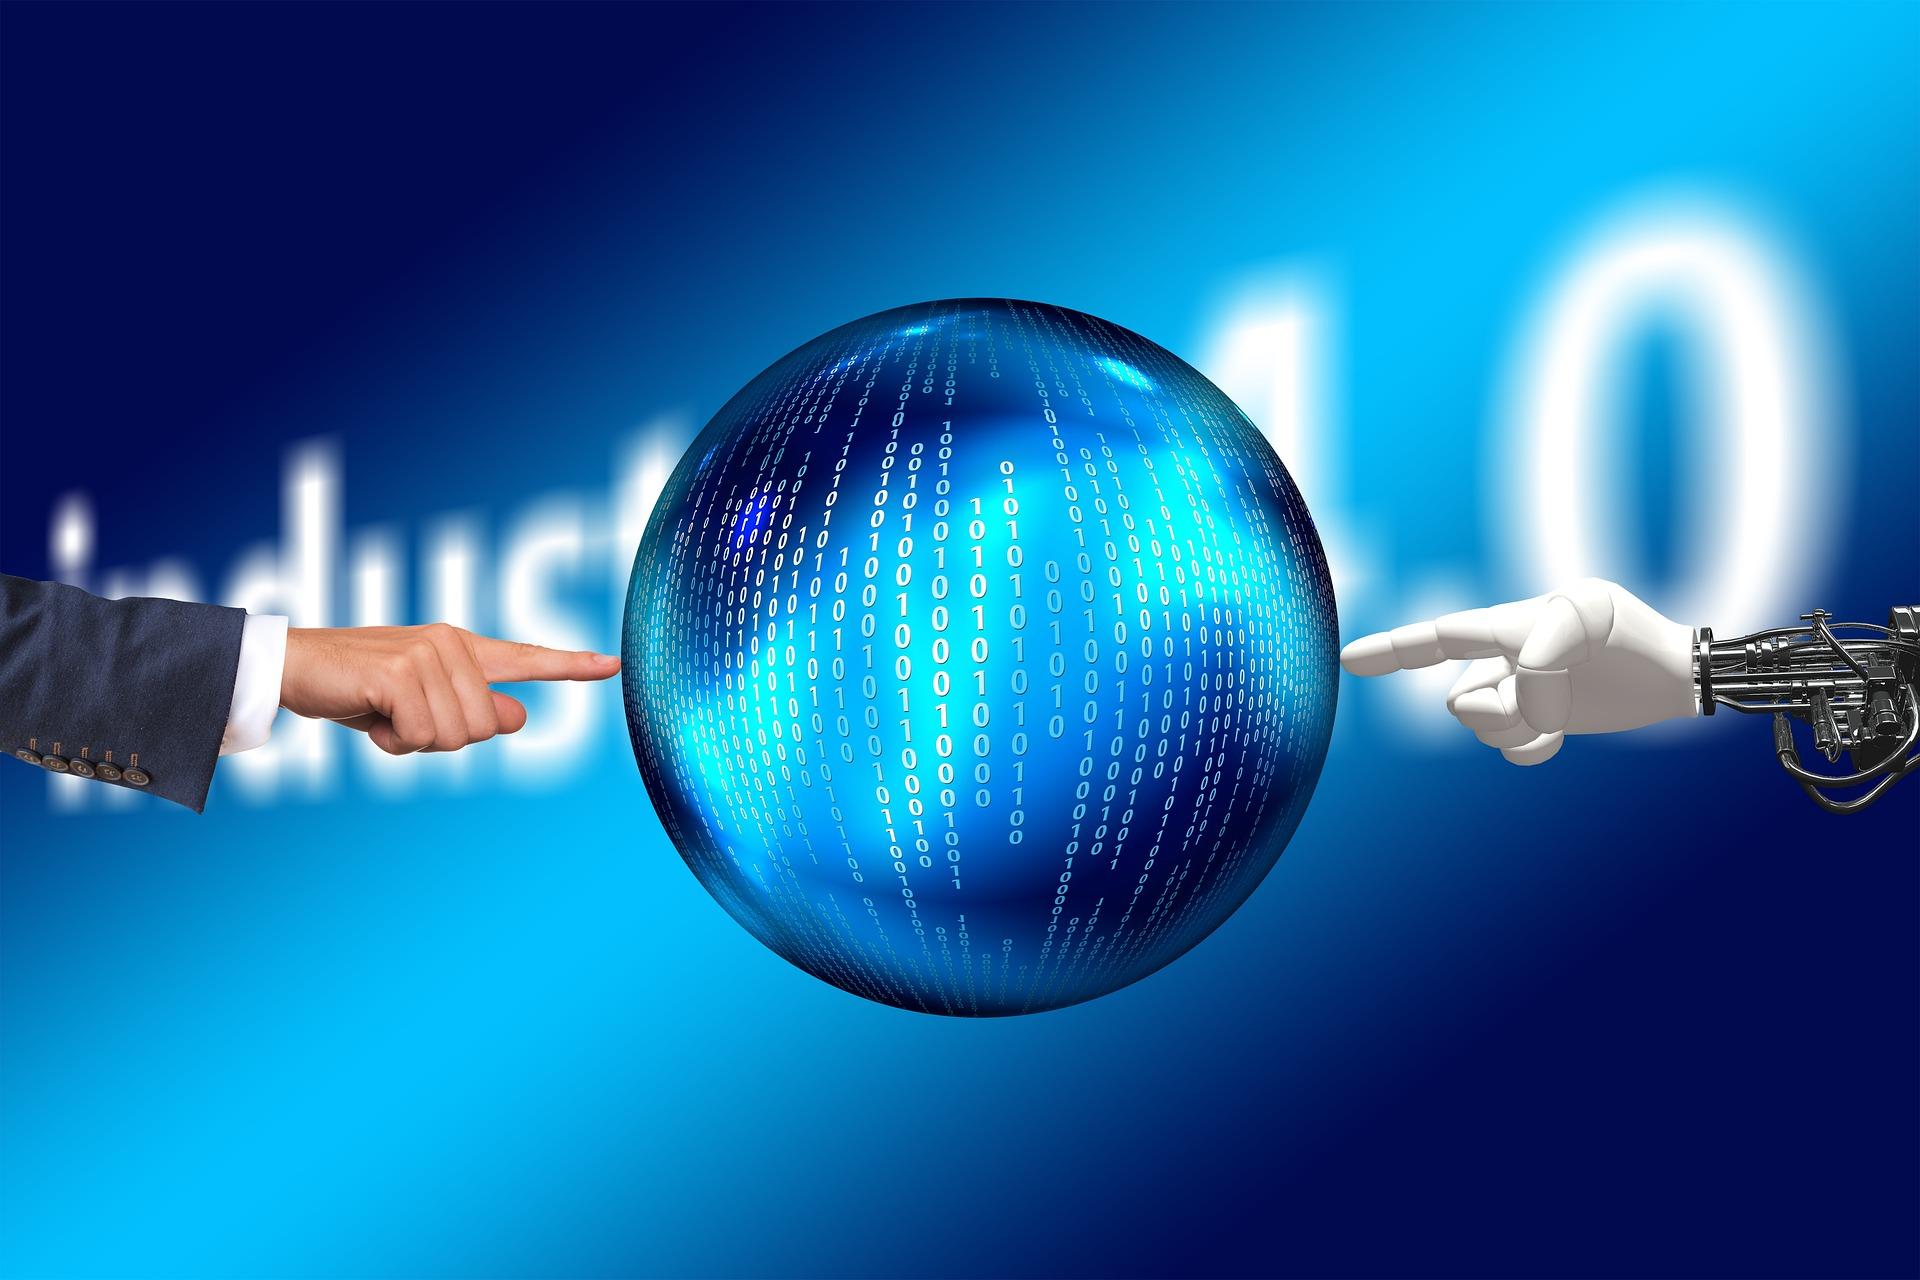 Imagem de mão humana e de mão robô tocando uma esfera com código binário, representando a indústria 4.0